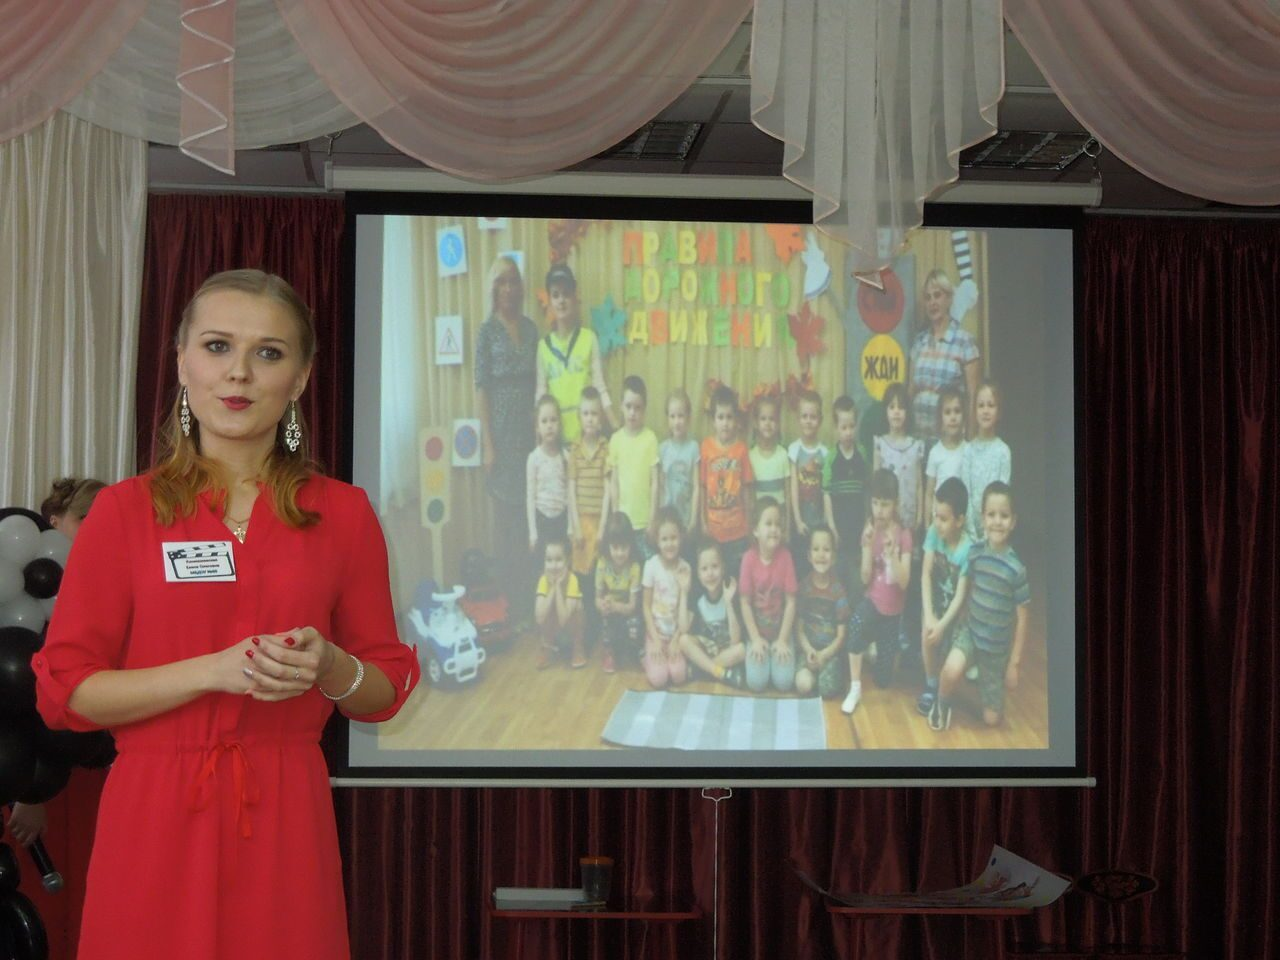 Видео выступления визитки воспитателя фото 189-431